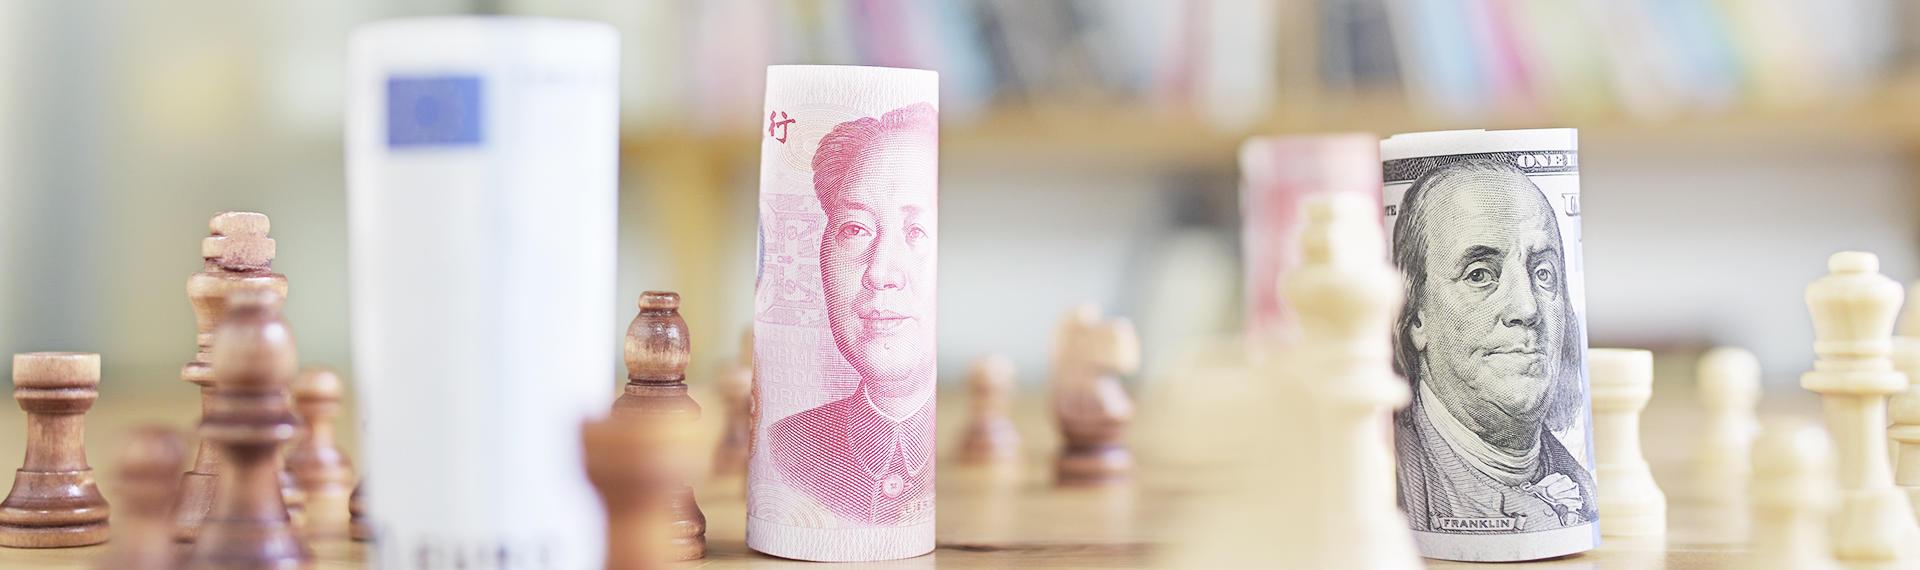 La guerre des monnaies, une fausse bonne idée